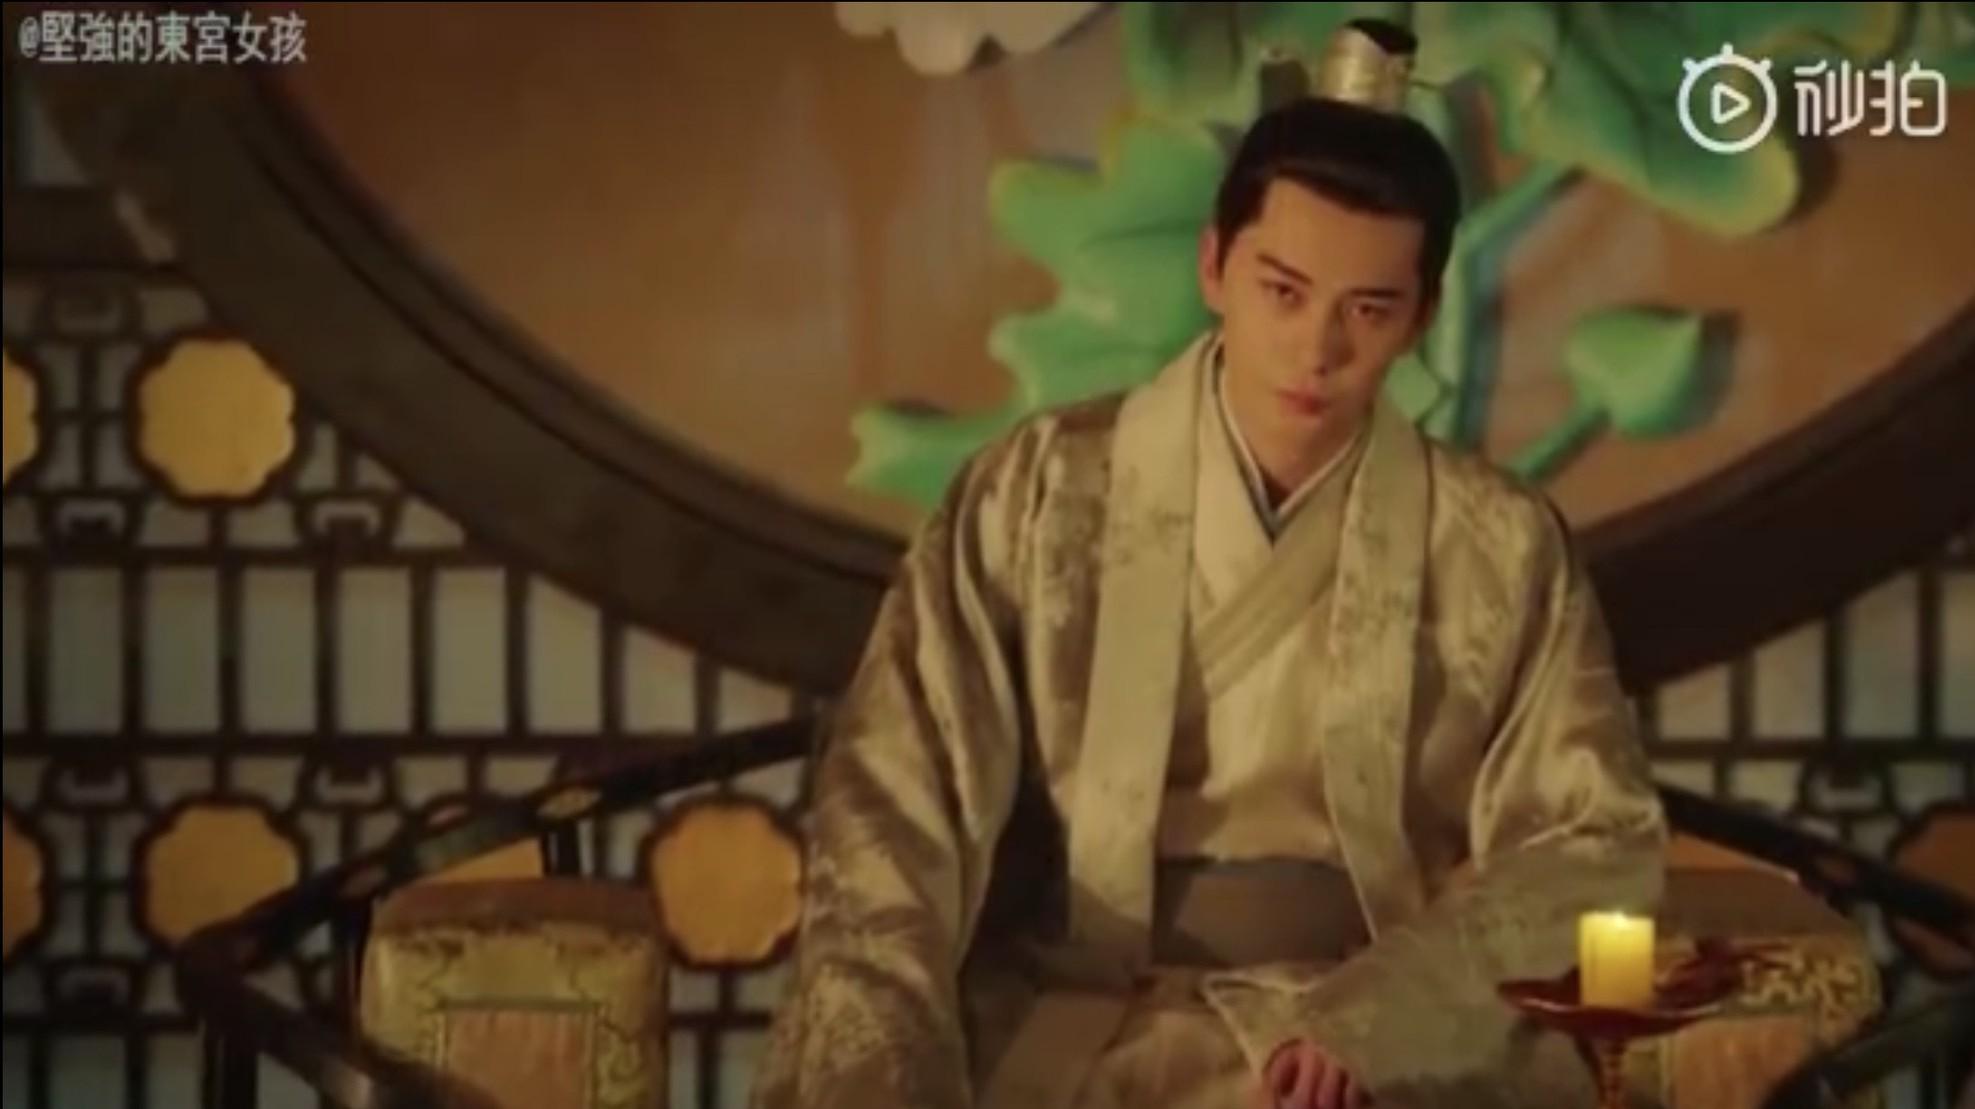 """""""Con cáo nhỏ cô đơn"""" trong Đông Cung rốt cuộc là Tiểu Phong hay Lý Thừa Ngân đây? - Ảnh 6."""